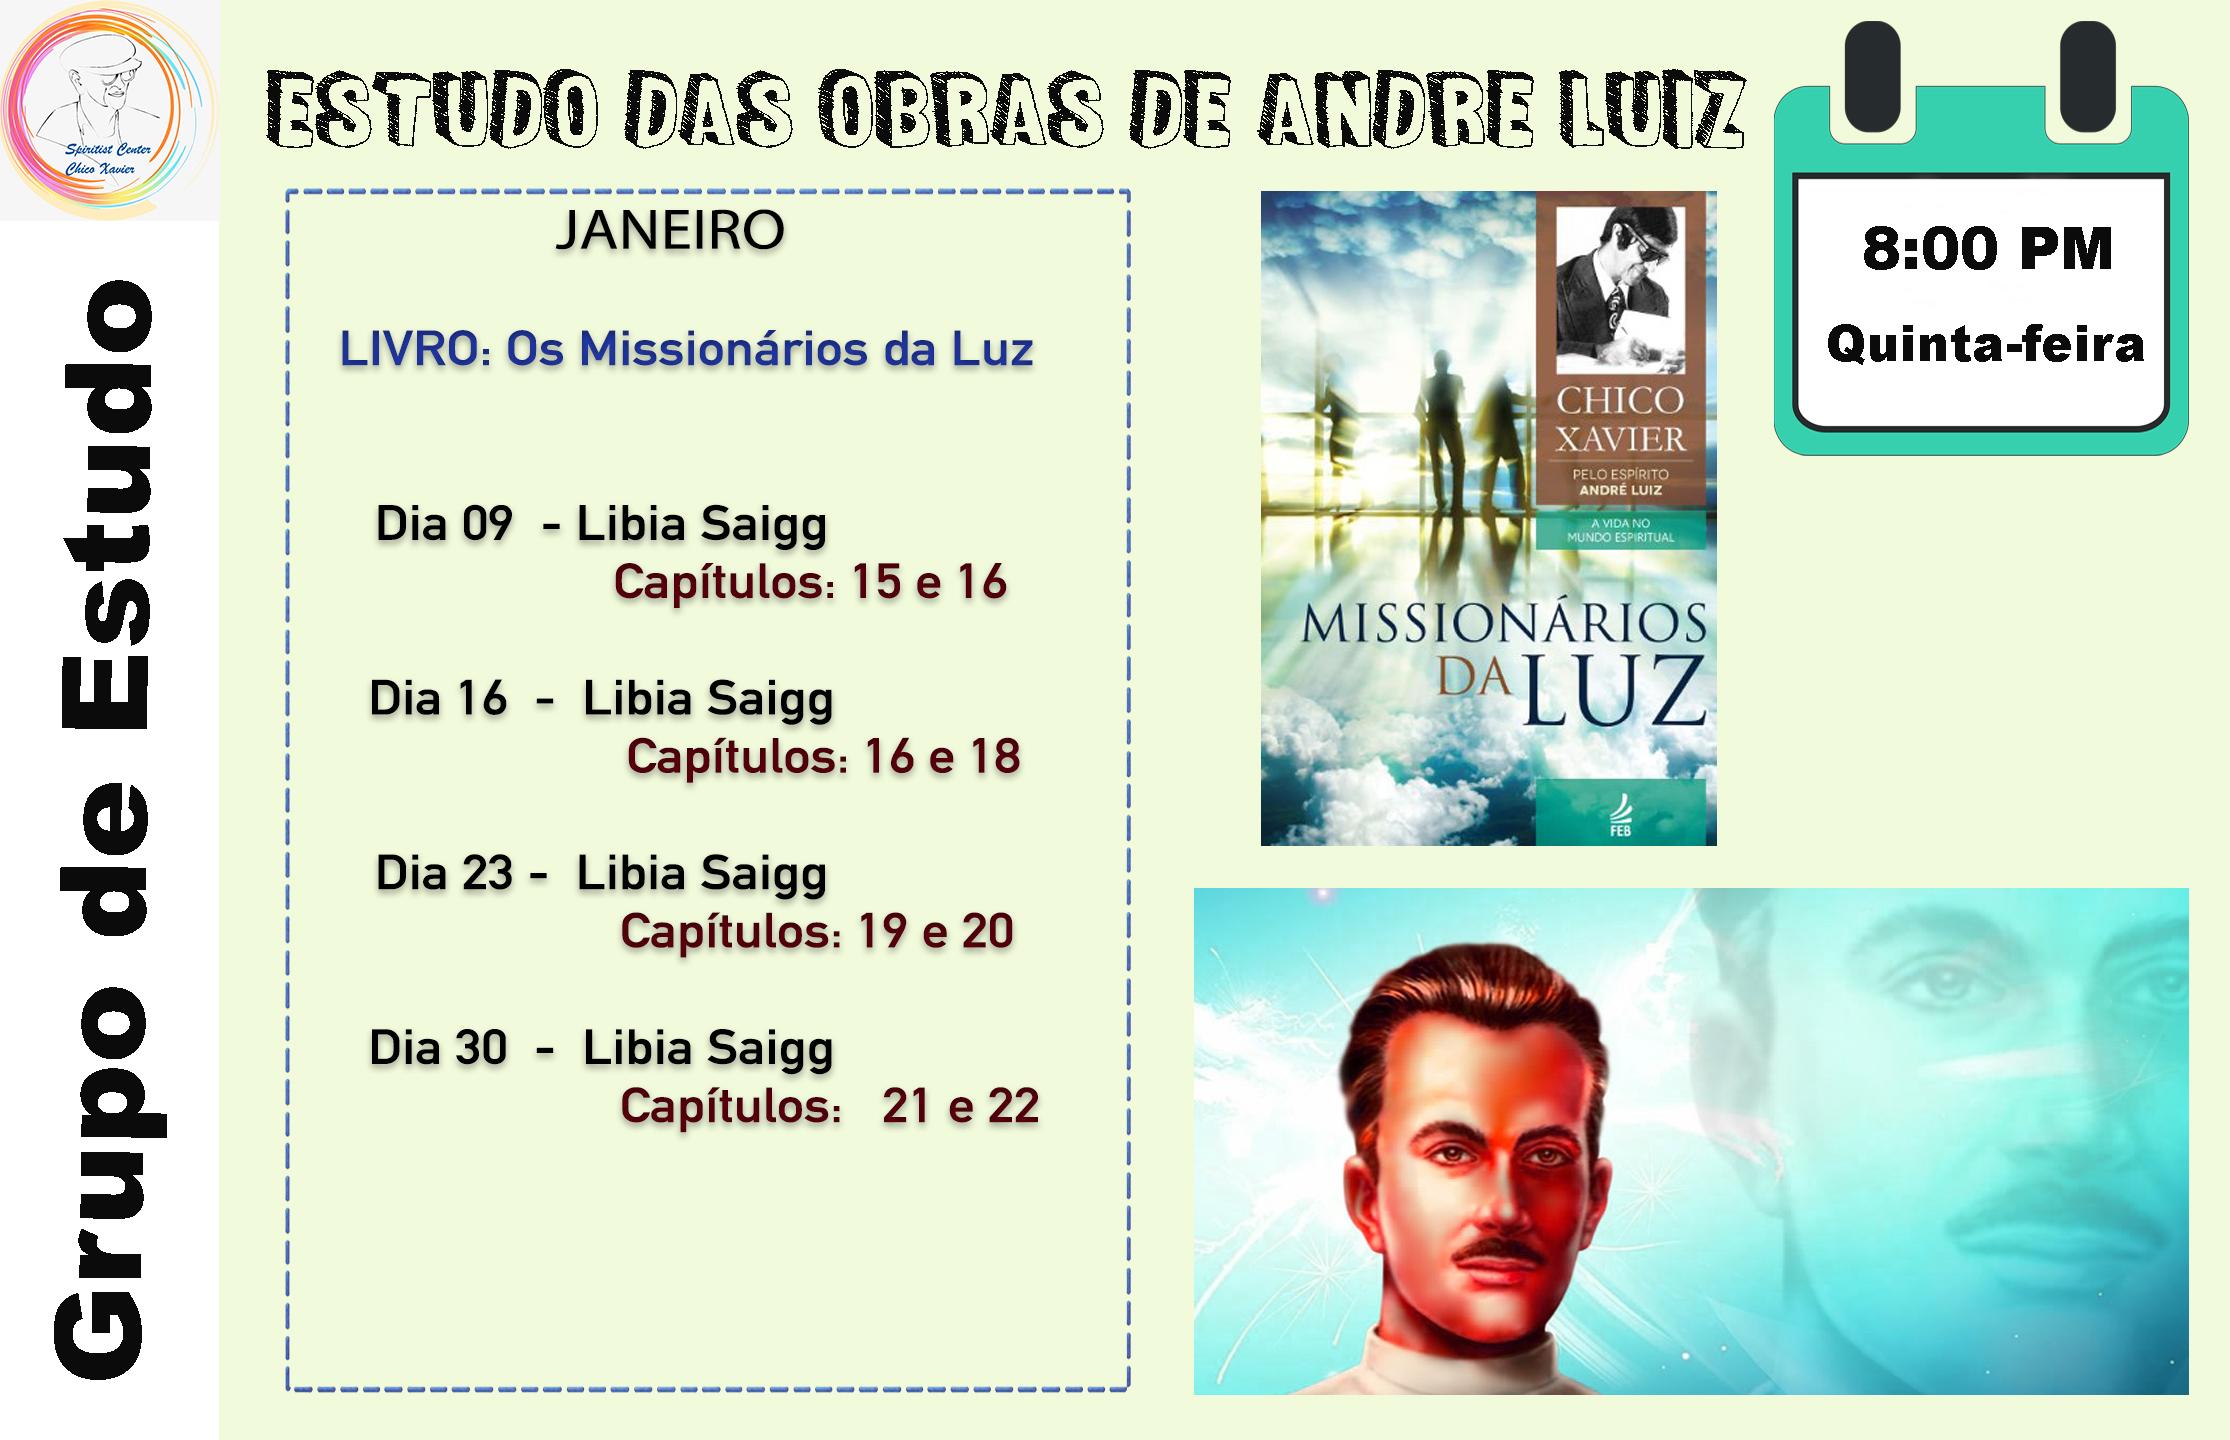 Estudos das Obras de Andre Luiz Jan 20